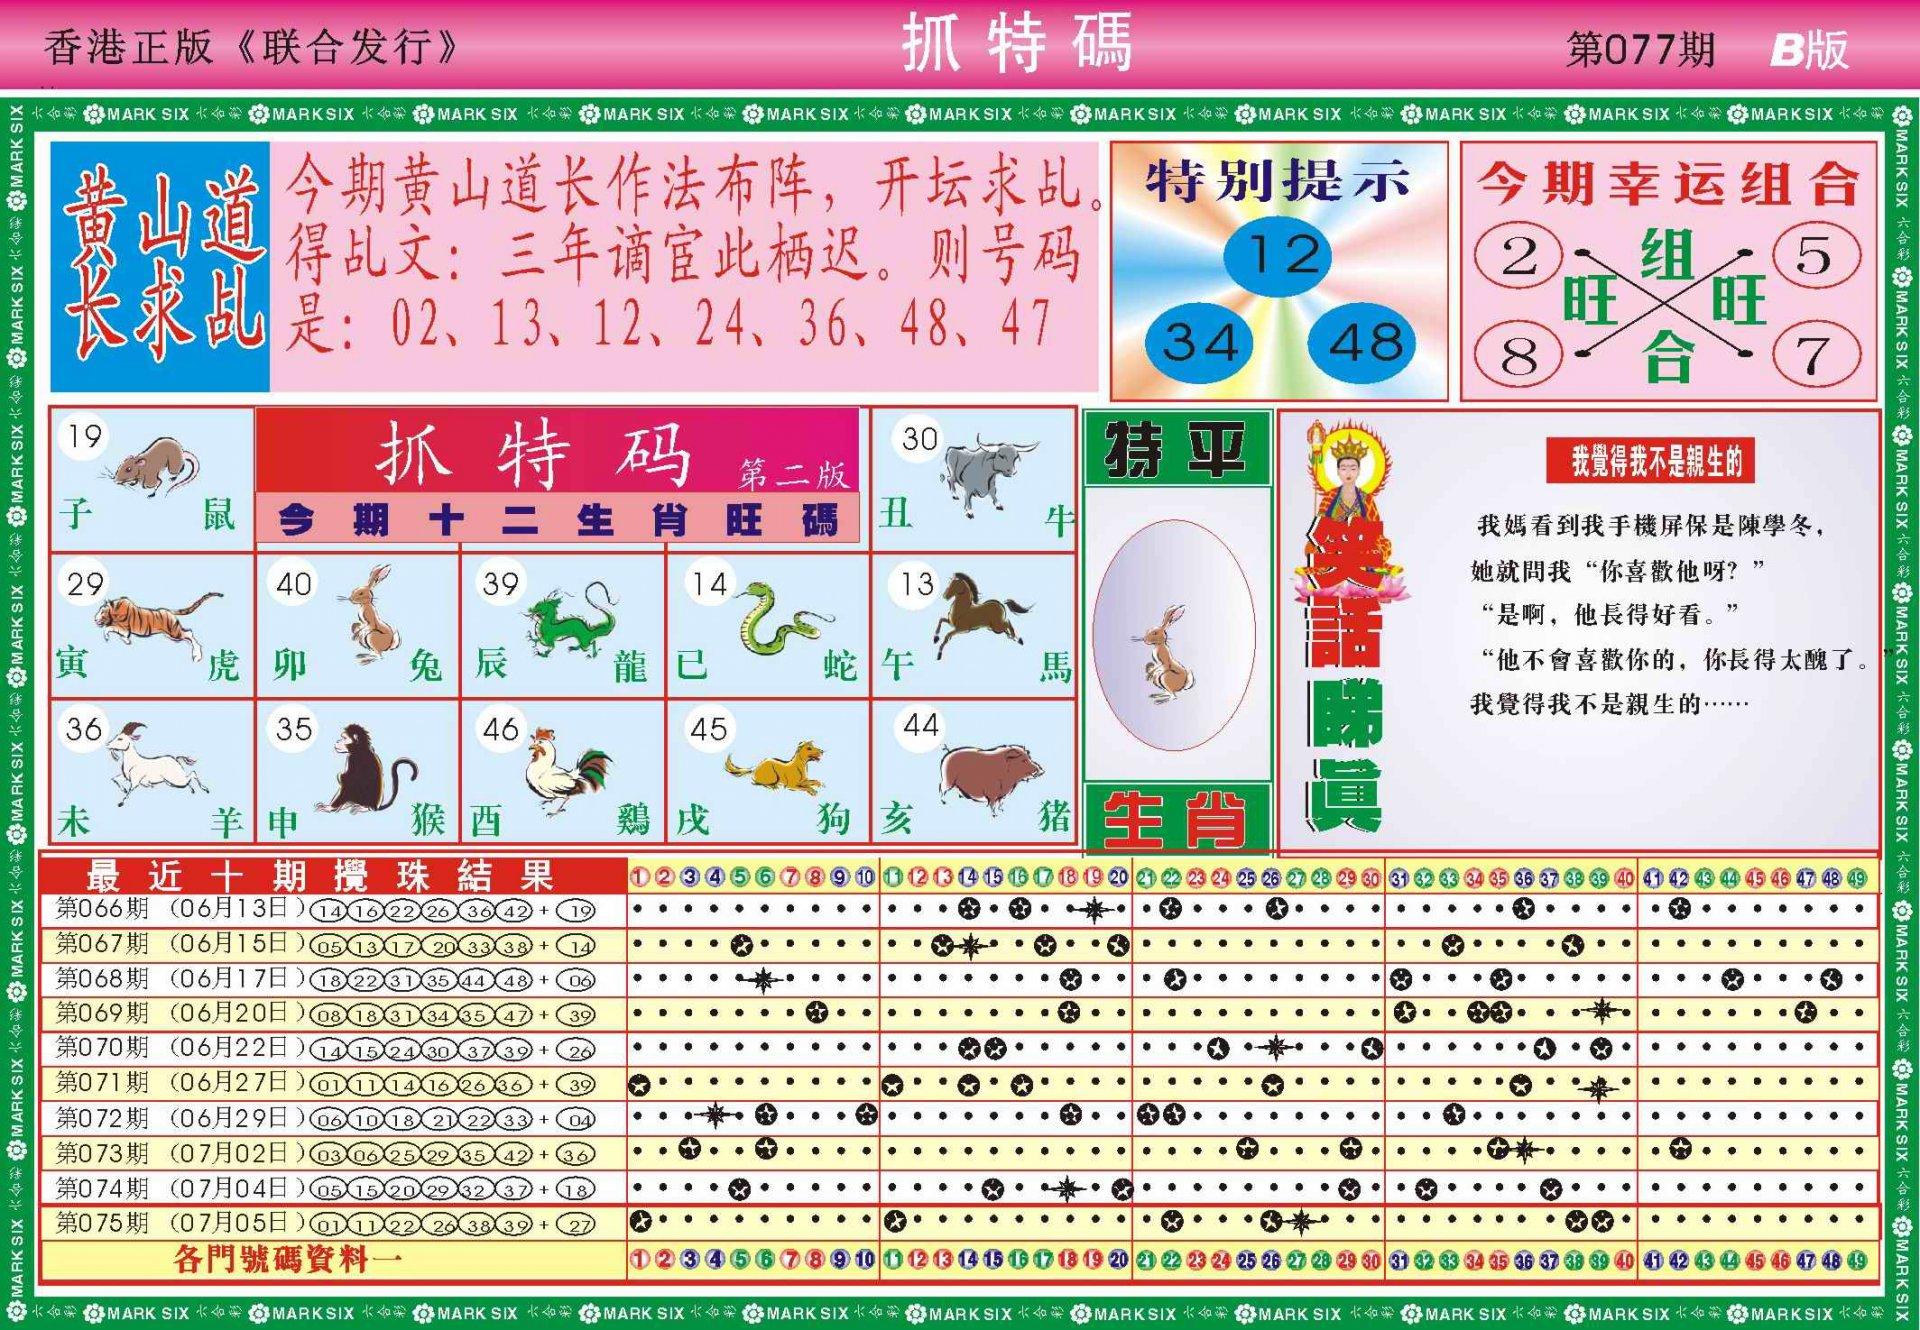 077期118抓特码B(新图)